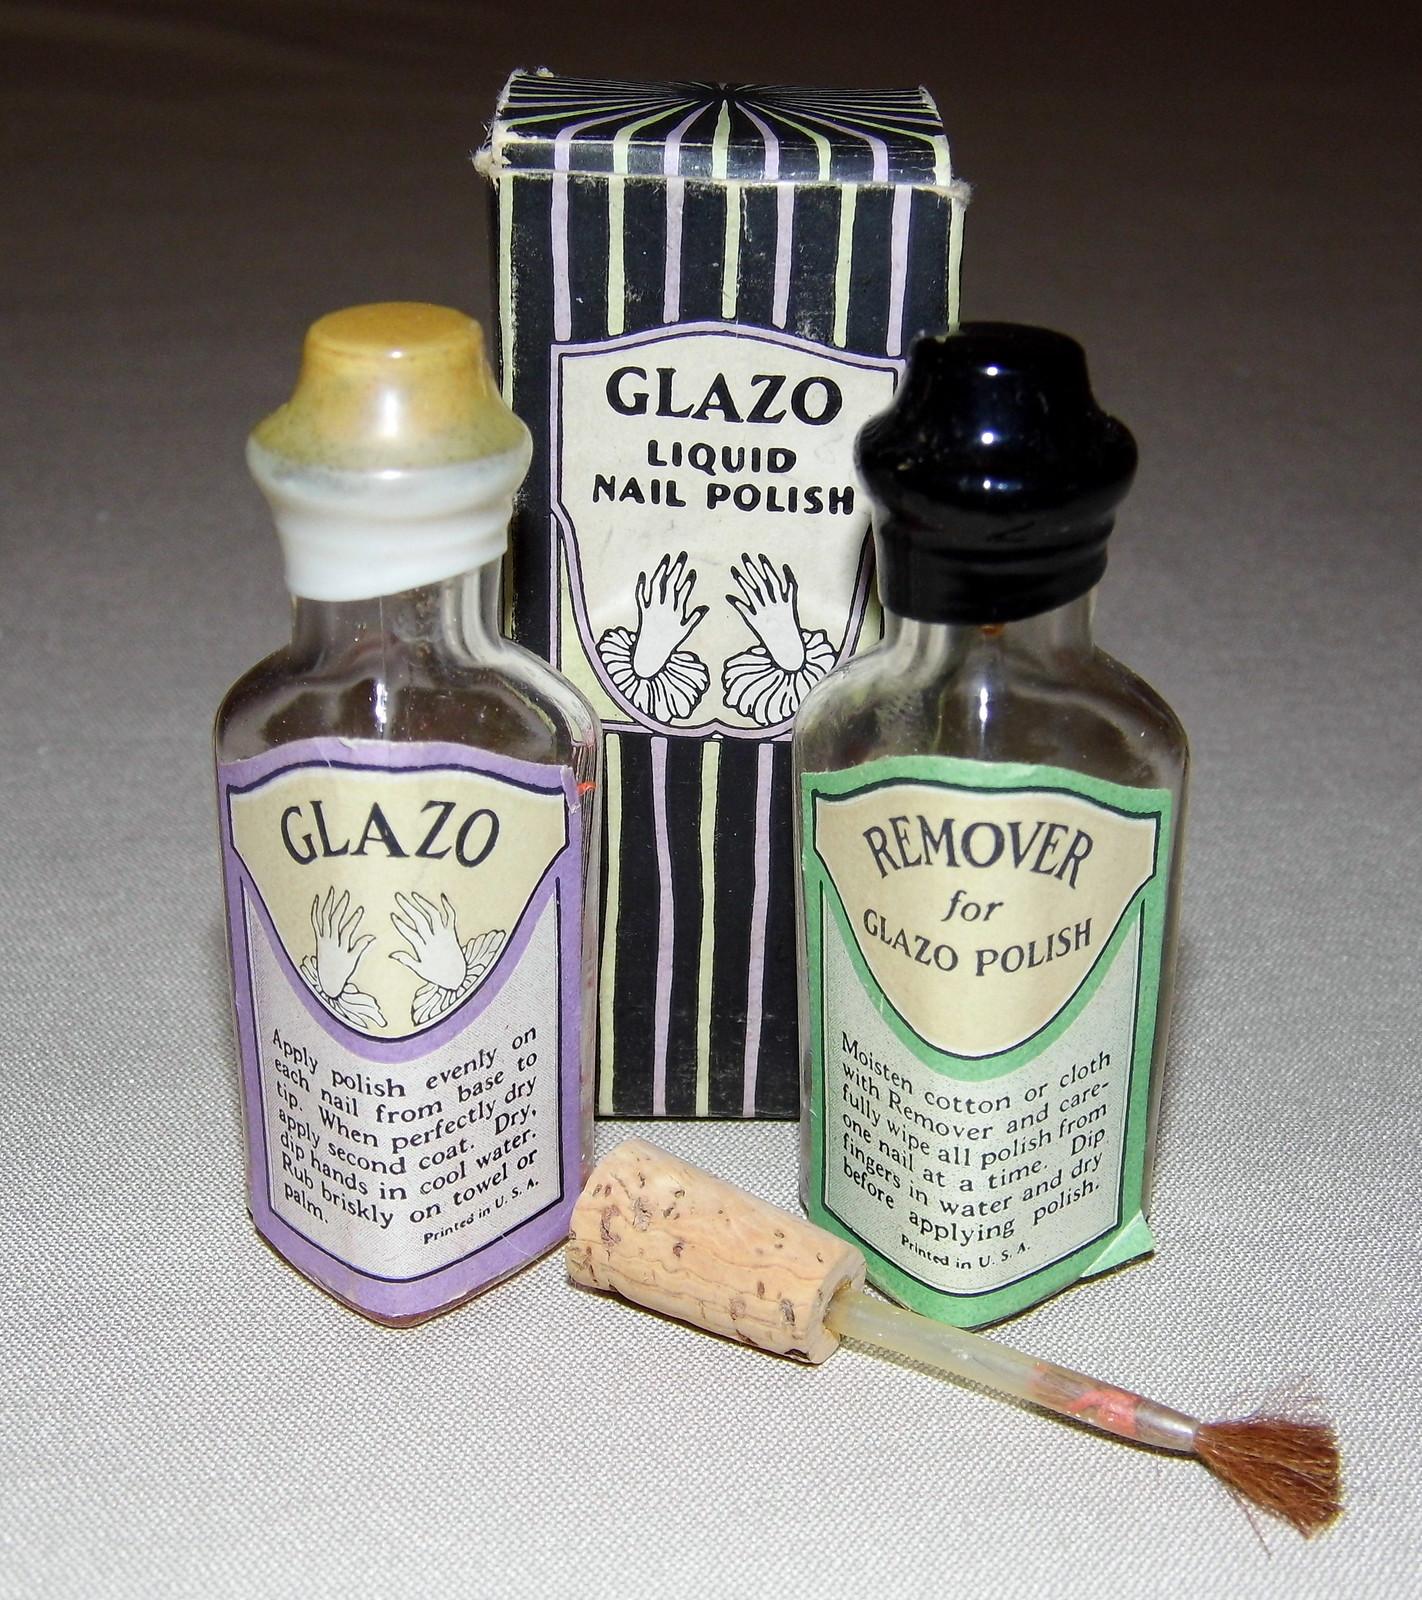 Vintage Glazo Liquid Nail Polish, The Glazo Company, Cincinnati ...